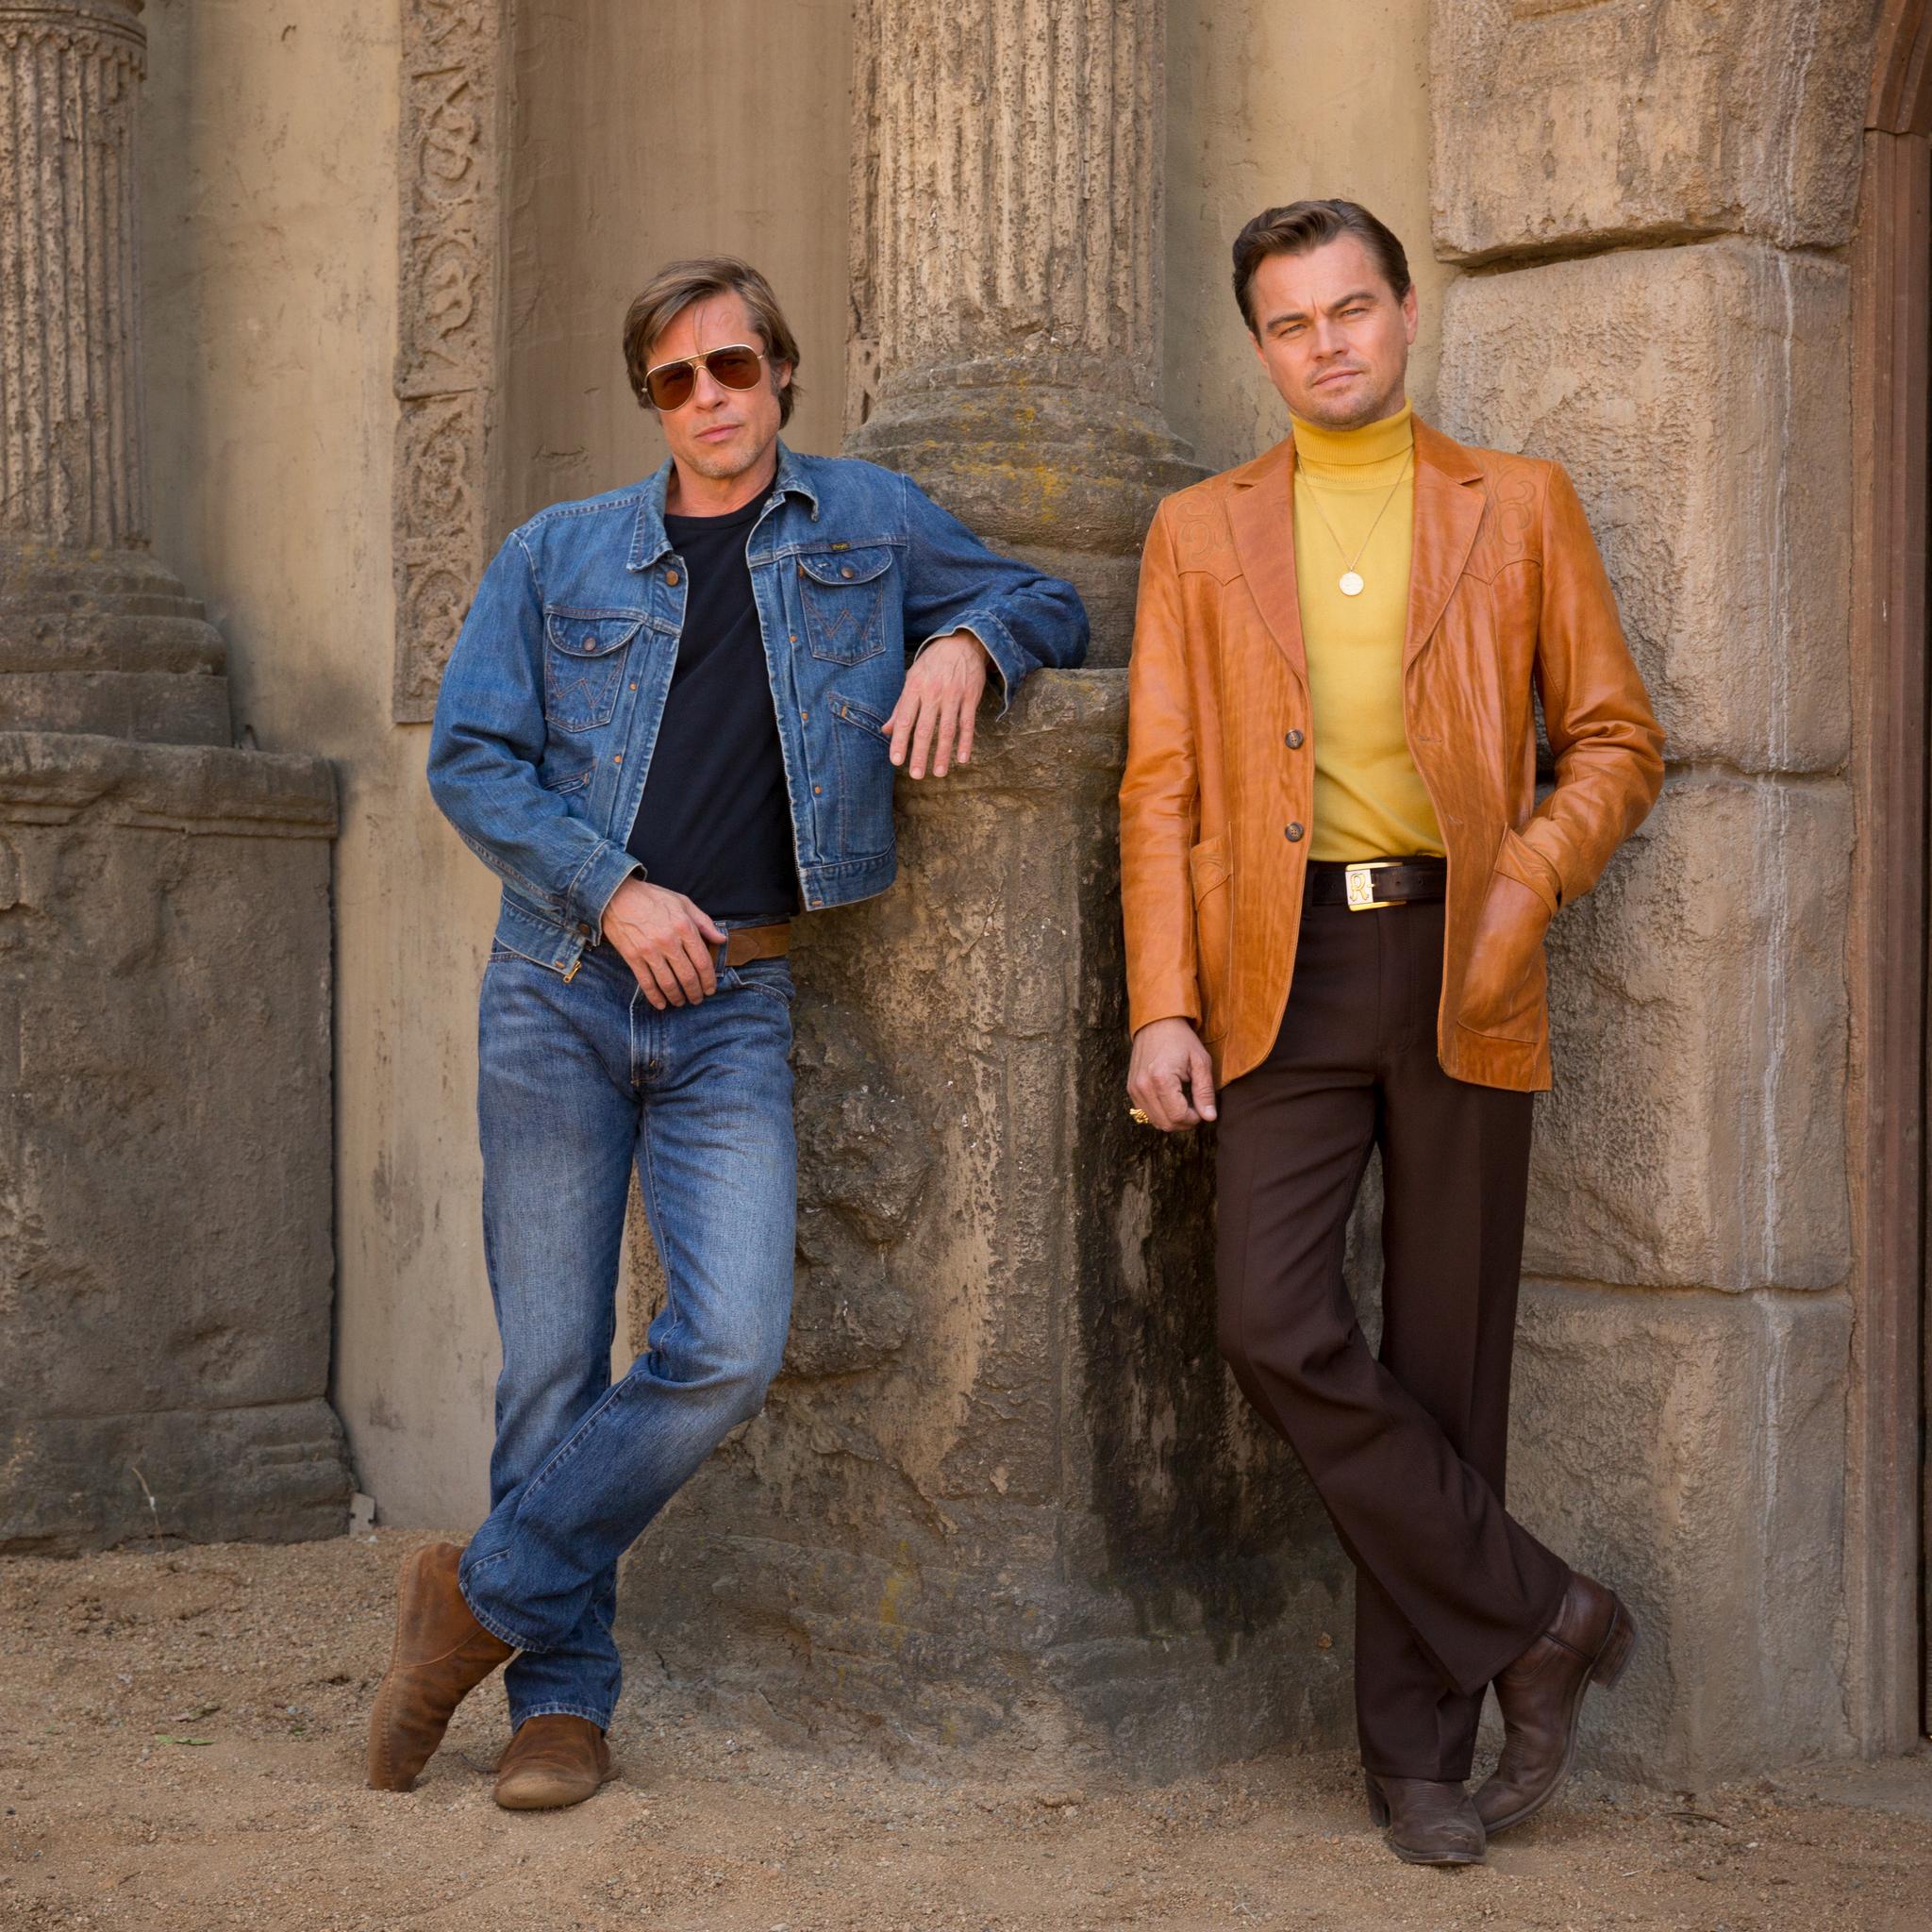 Leonardo DiCaprio divulga pôster de filme ao lado de Brad Pitt